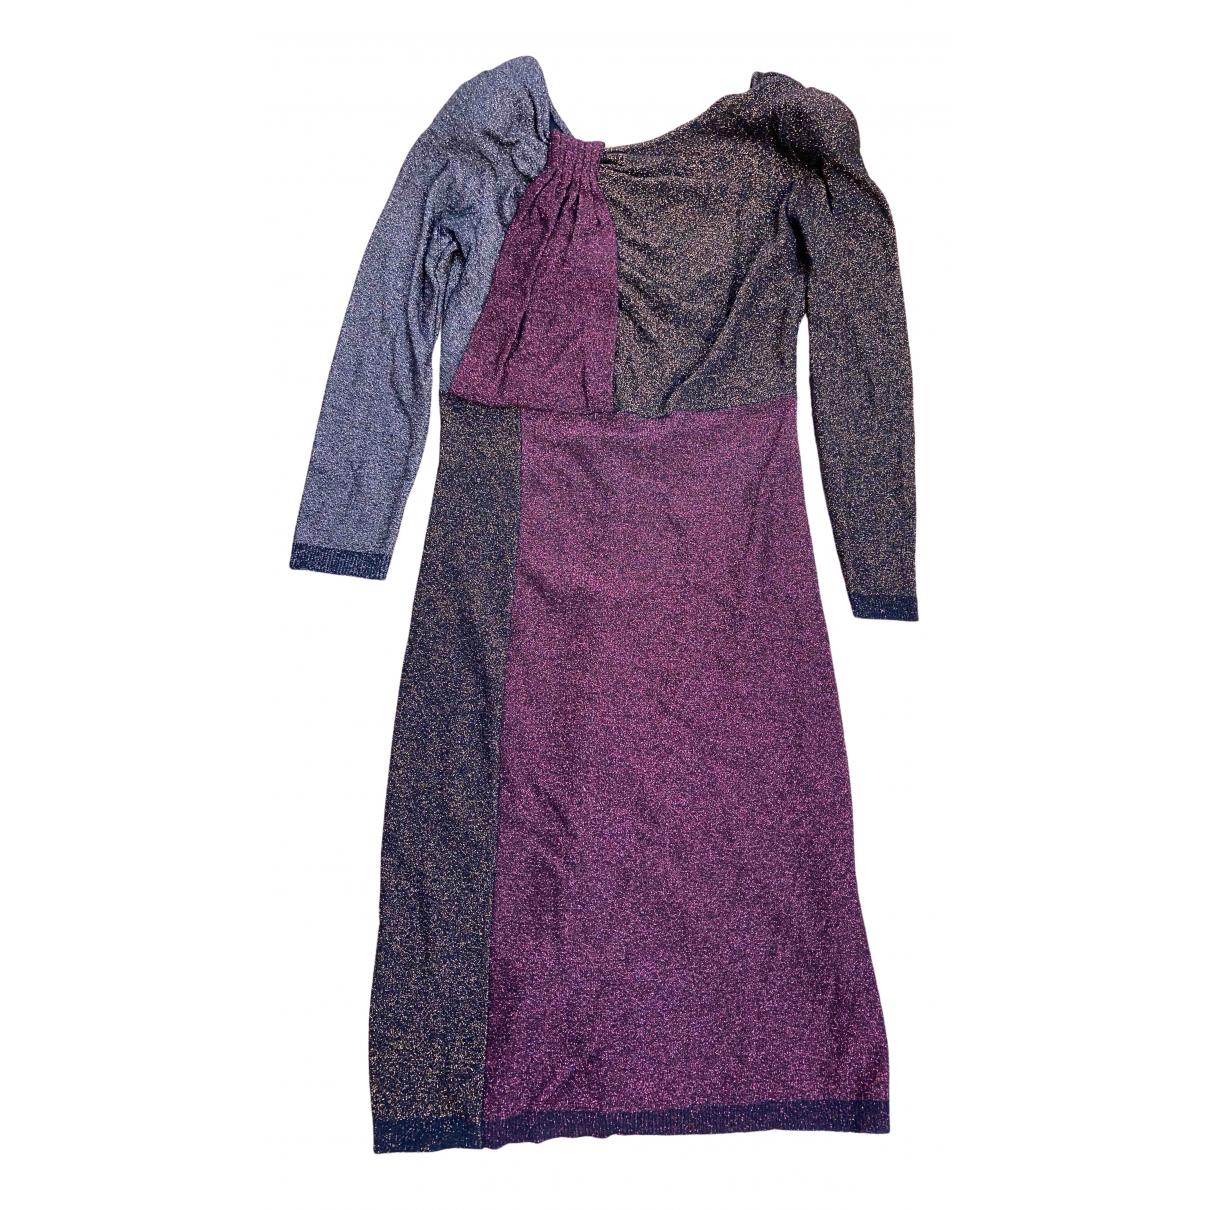 Sonia Rykiel \N Kleid in  Bunt Wolle